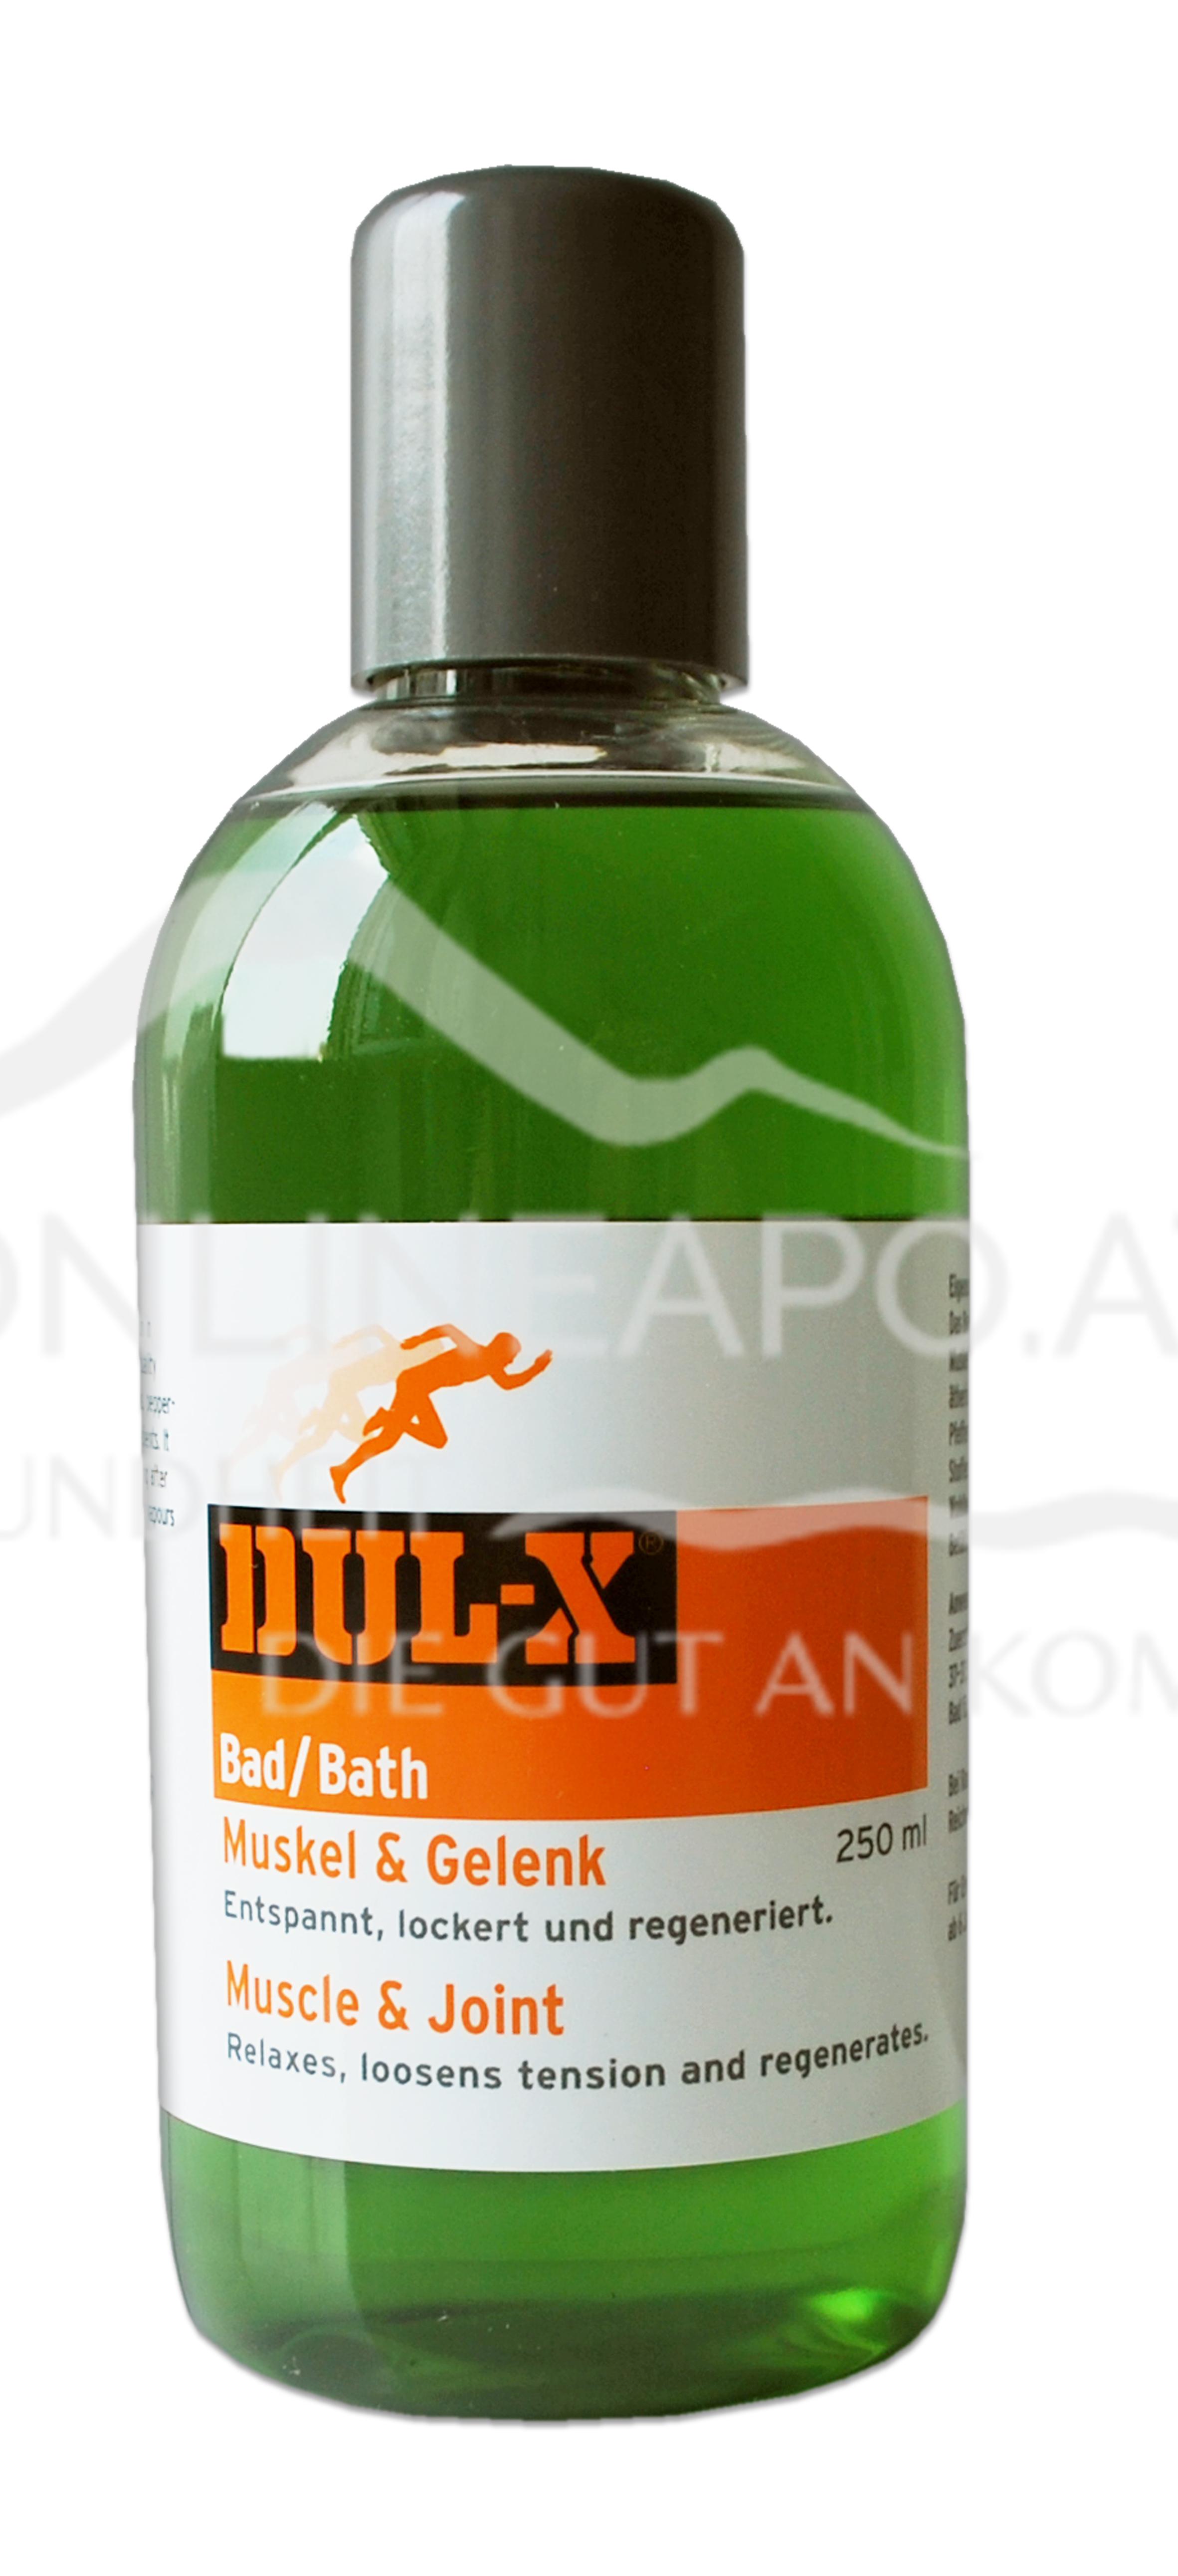 DUL-X® Bad für Muskel und Gelenk